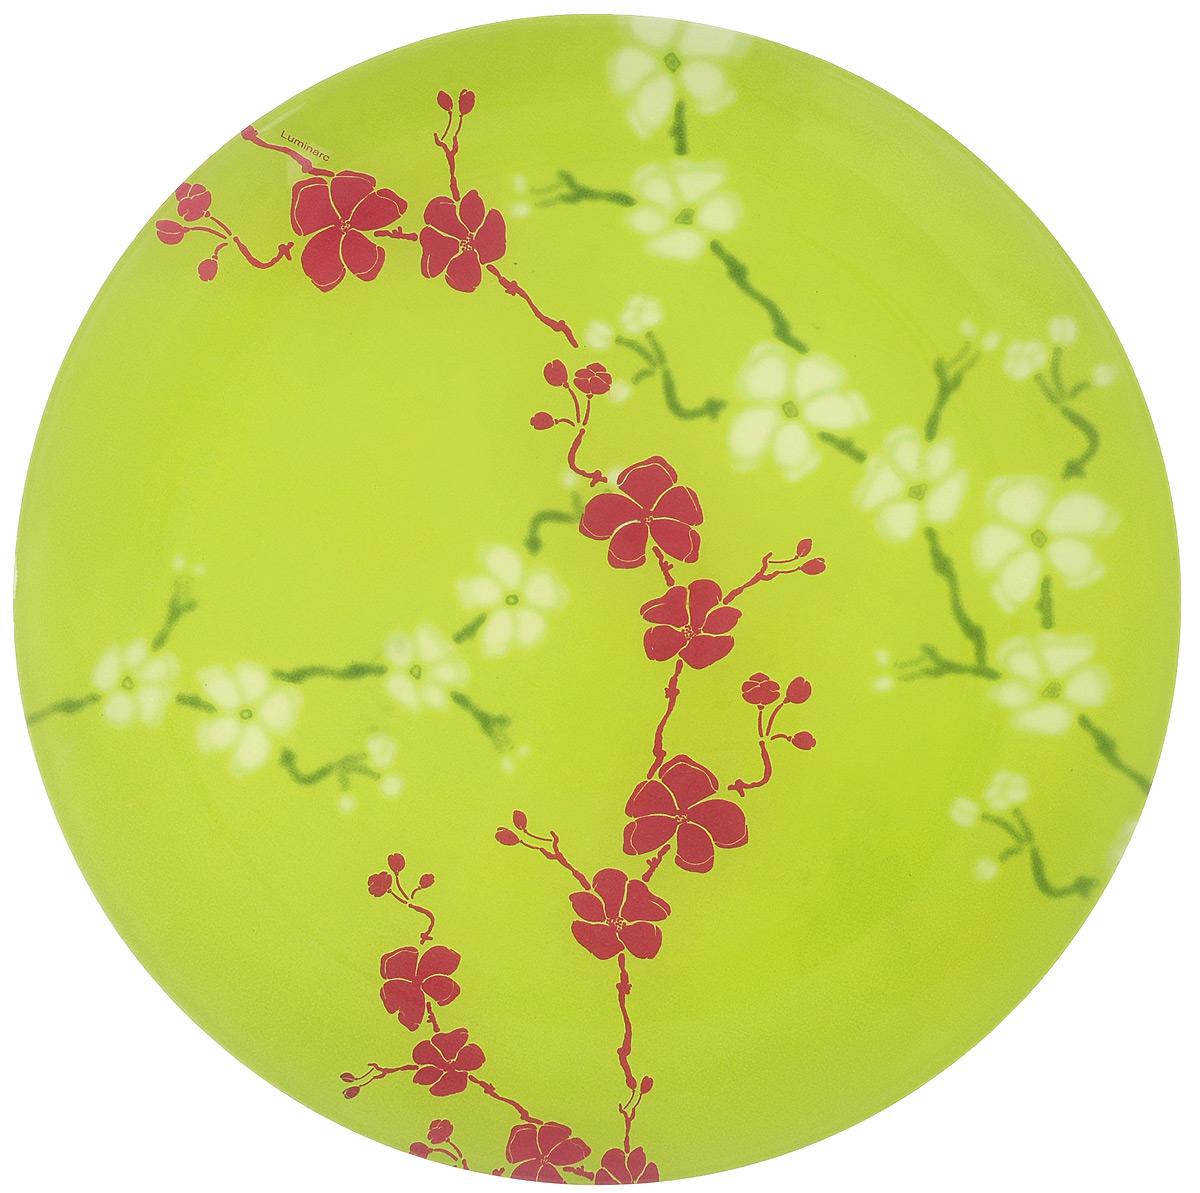 Тарелка обеденная Luminarc Kashima Green, диаметр 25 см54 009312Обеденная тарелка Luminarc Kashima Green изготовлена из высококачественного ударопрочного стекла. Тарелка декорирована красочным контрастным цветочным рисунком. Яркий дизайн придется по вкусу и ценителям классики, и тем, кто предпочитает утонченность. Такая тарелка прекрасно подходит как для торжественных случаев, так и для повседневного использования. Предназначена для подачи вторых блюд. Можно использовать в СВЧ и мыть в посудомоечной машине.Диаметр тарелки: 25 см.Высота тарелки: 2 см.